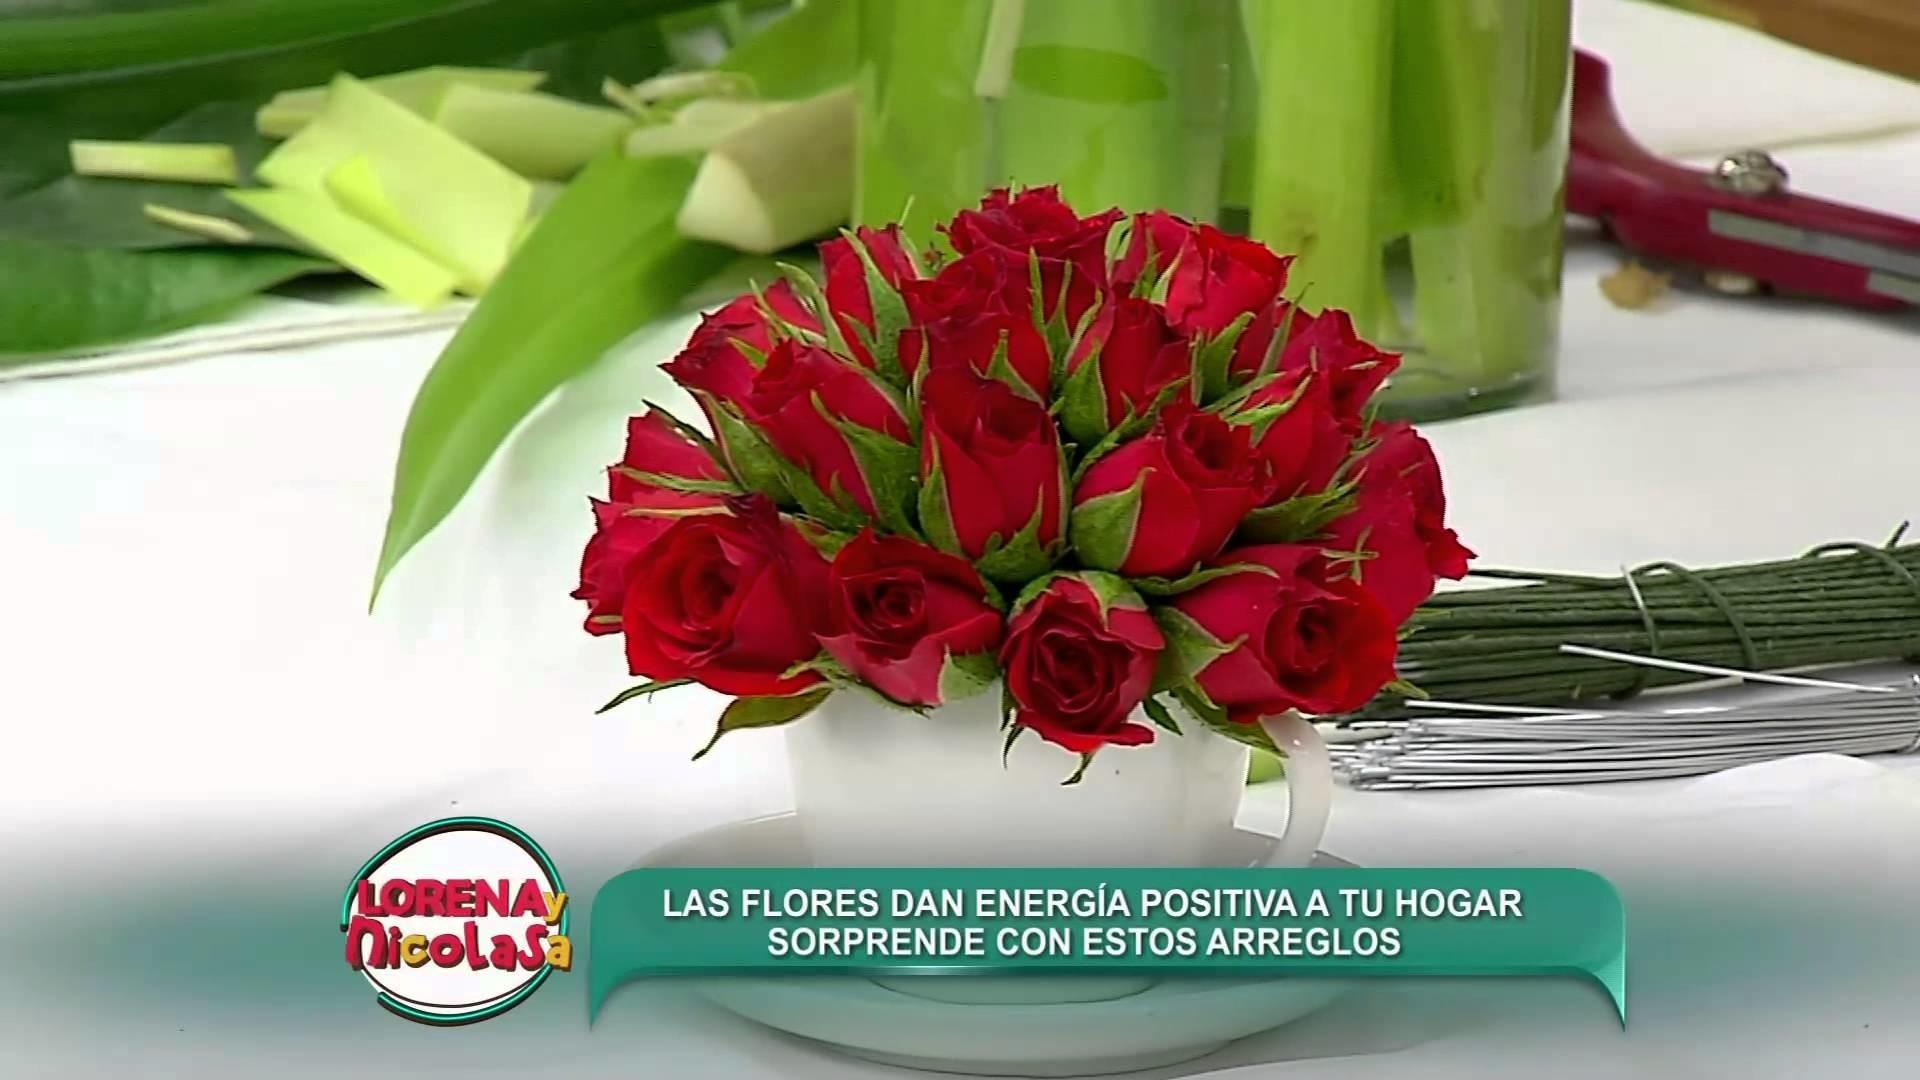 Lorena y Nicolasa: sepa cómo hacer arreglos florales para decorar su hogar